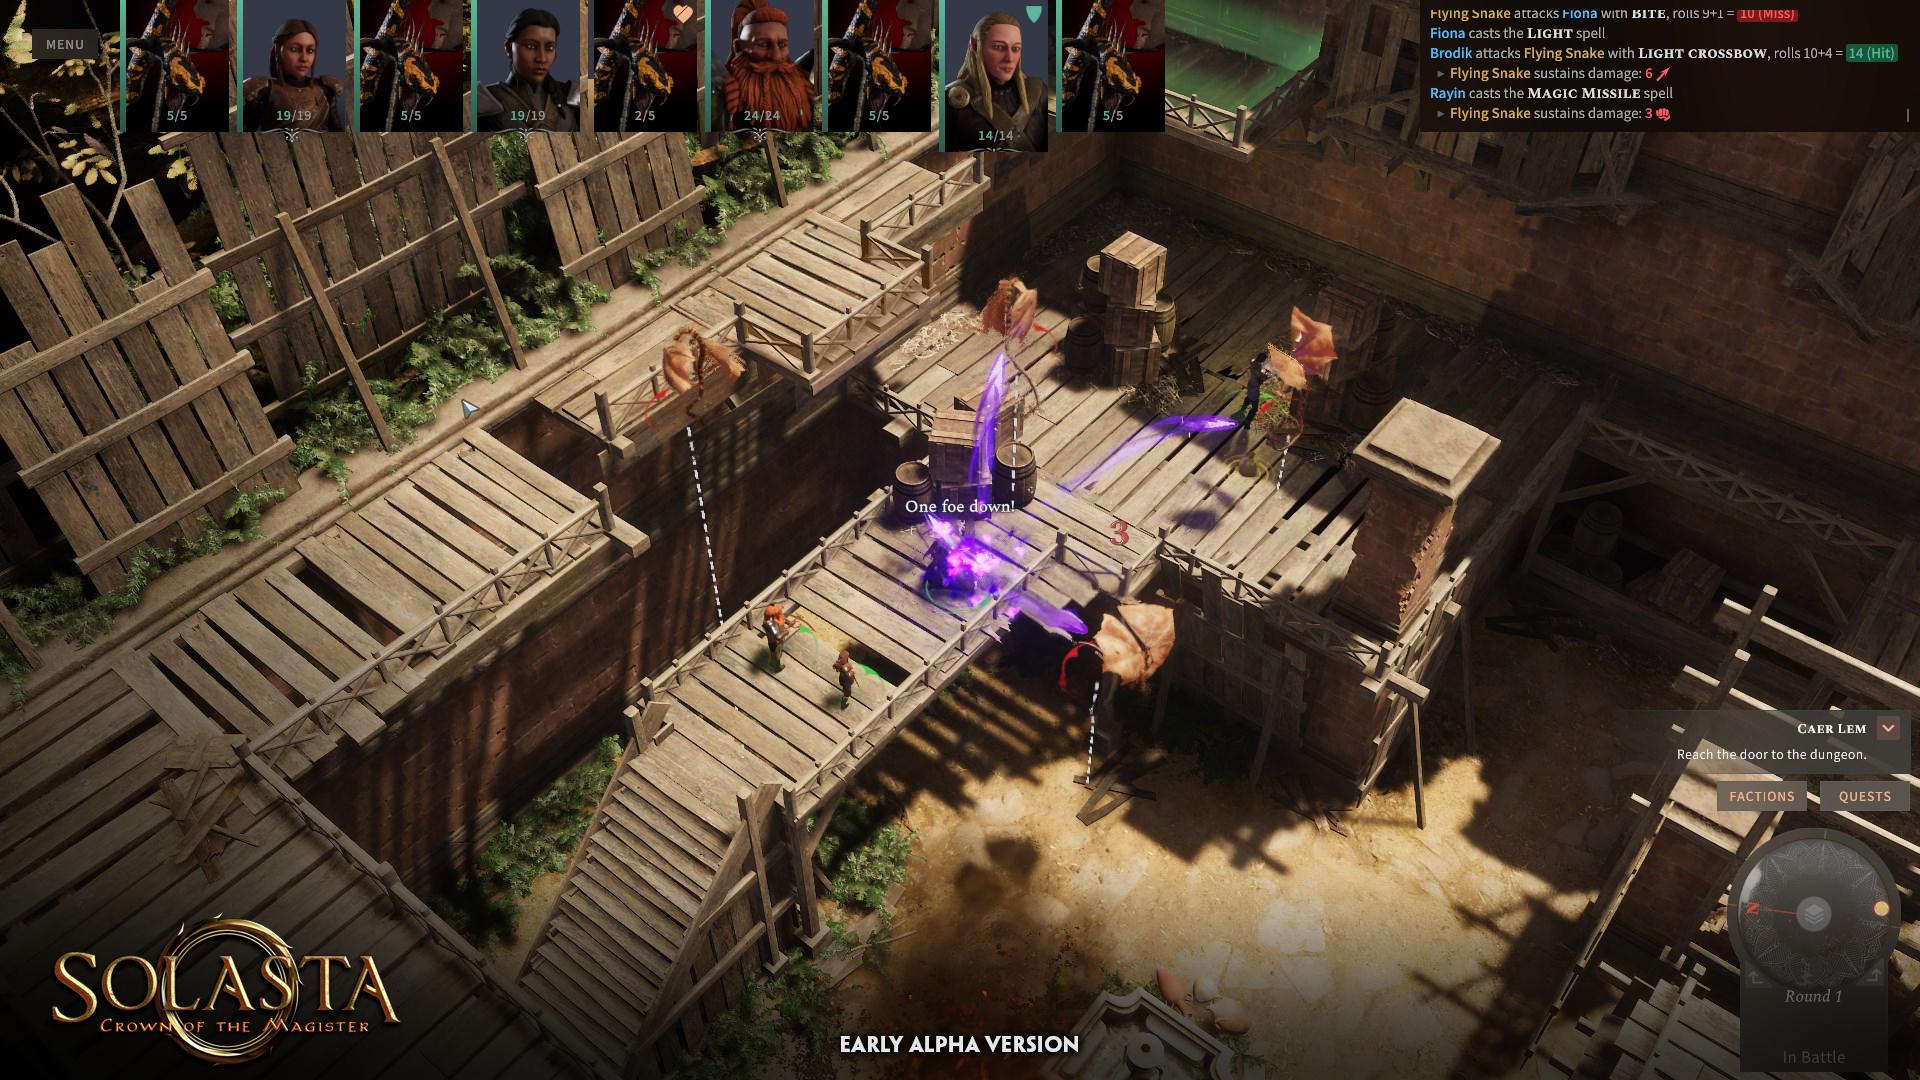 solastacotm flyingsnakes fight | RPG Jeuxvidéo